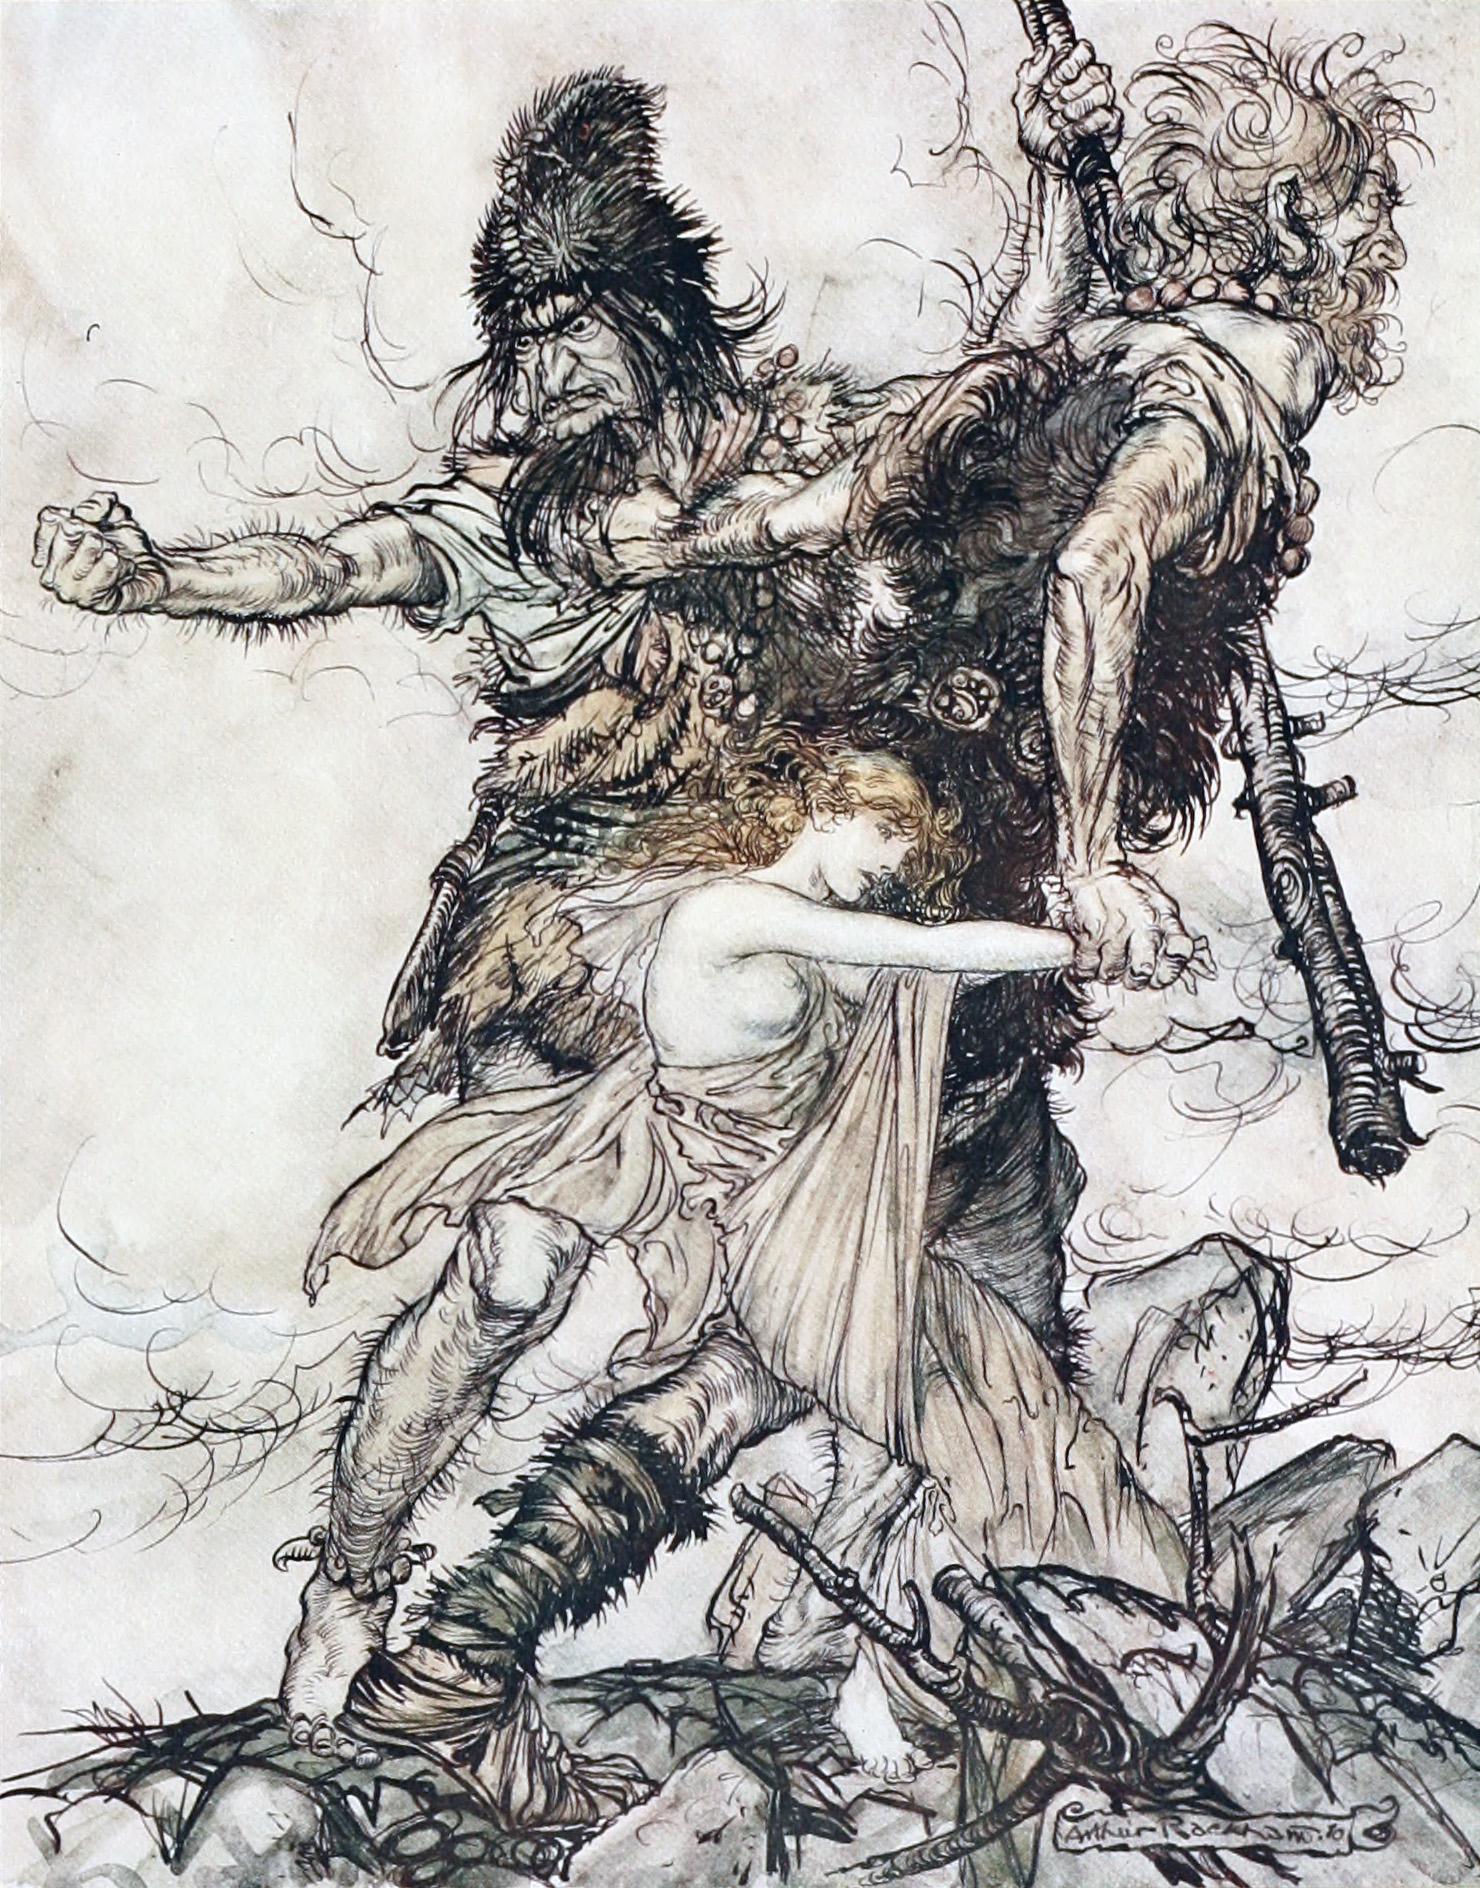 Jötunn | Mythology Wiki | FANDOM powered by Wikia